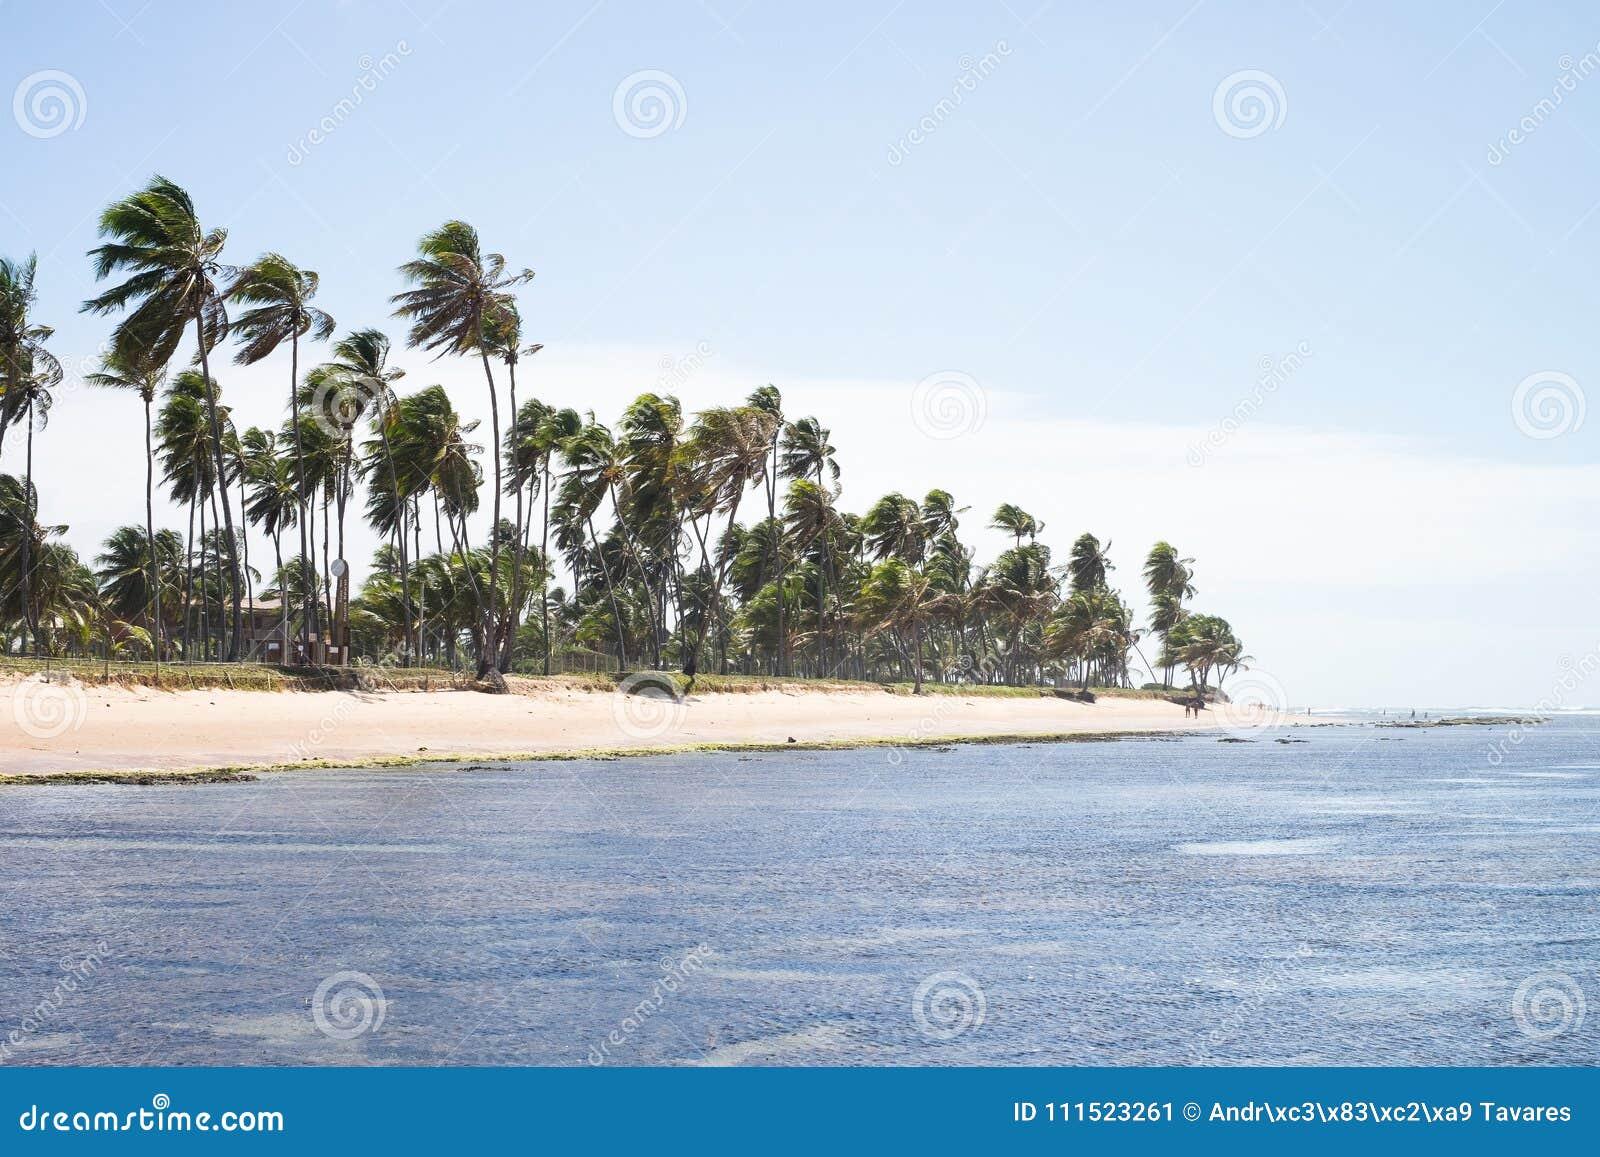 Praia do Forte in Bahia, Brazil